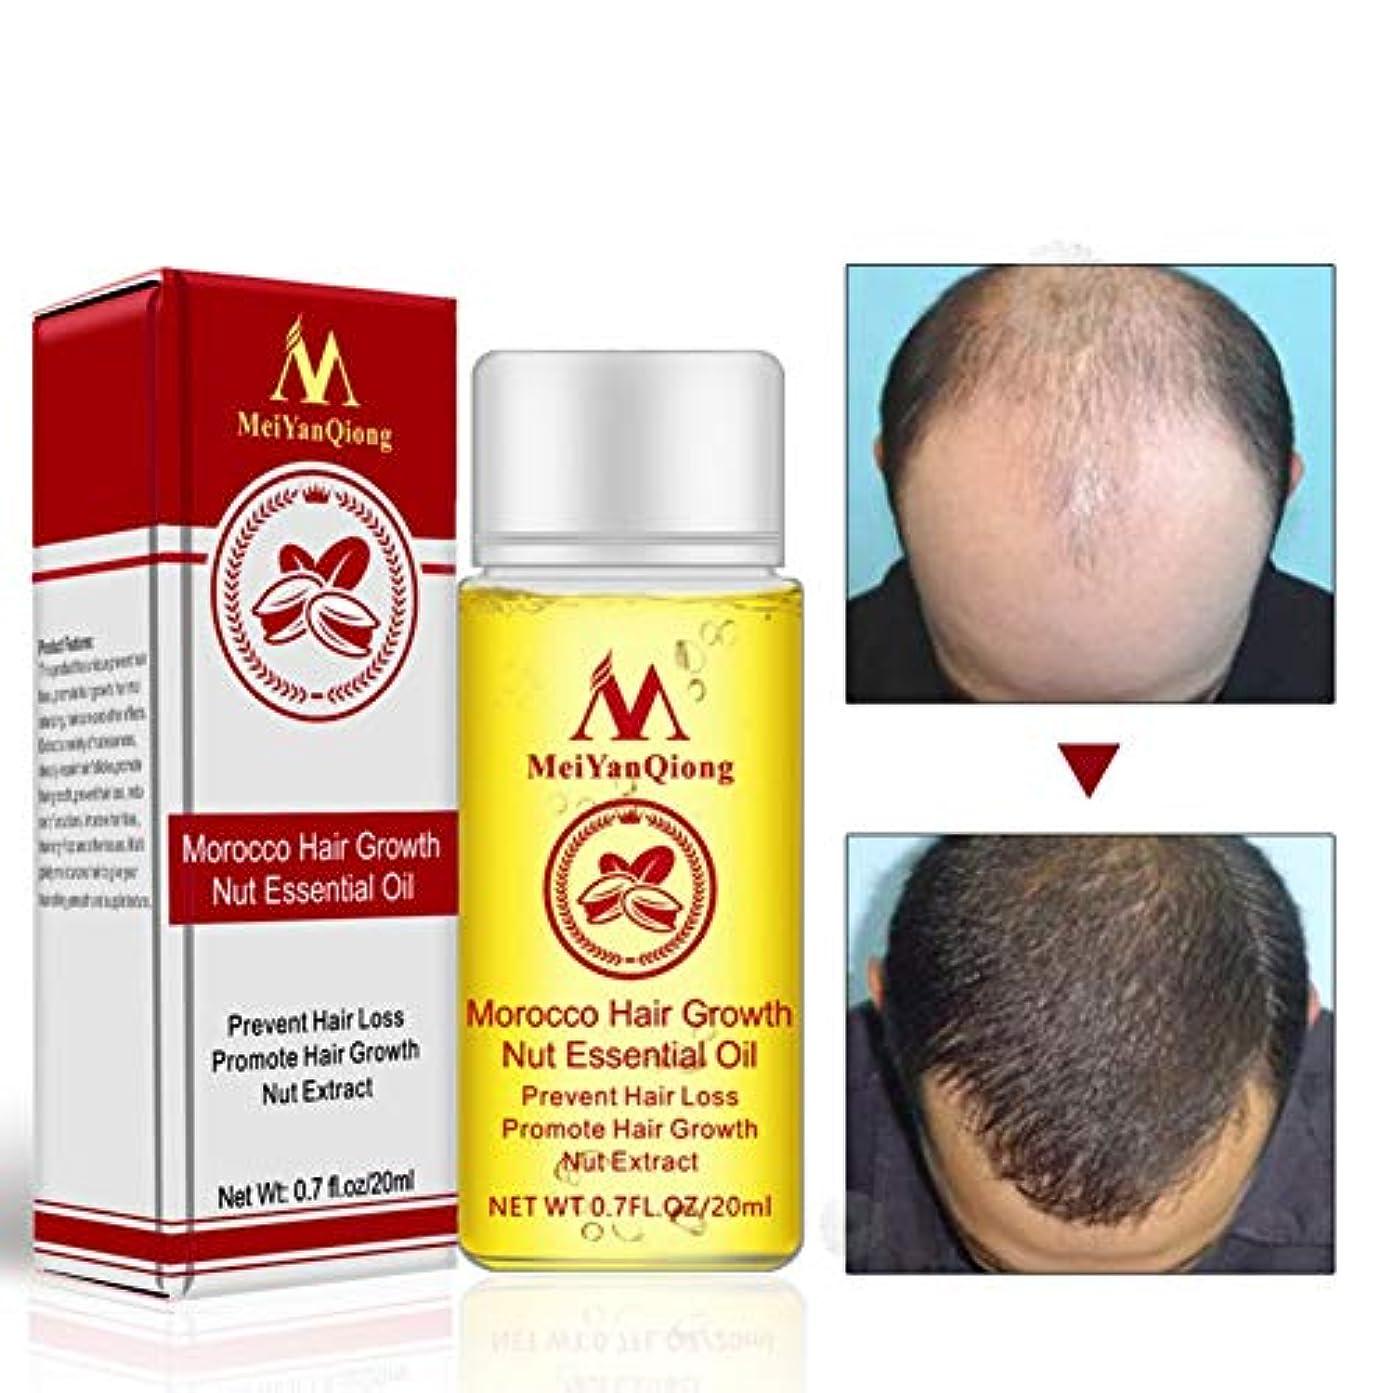 延期するフレームワーク離すAlluoleのモロッコの毛の成長のナットの精油の反毛の損失は毛の成長の本質を促進します